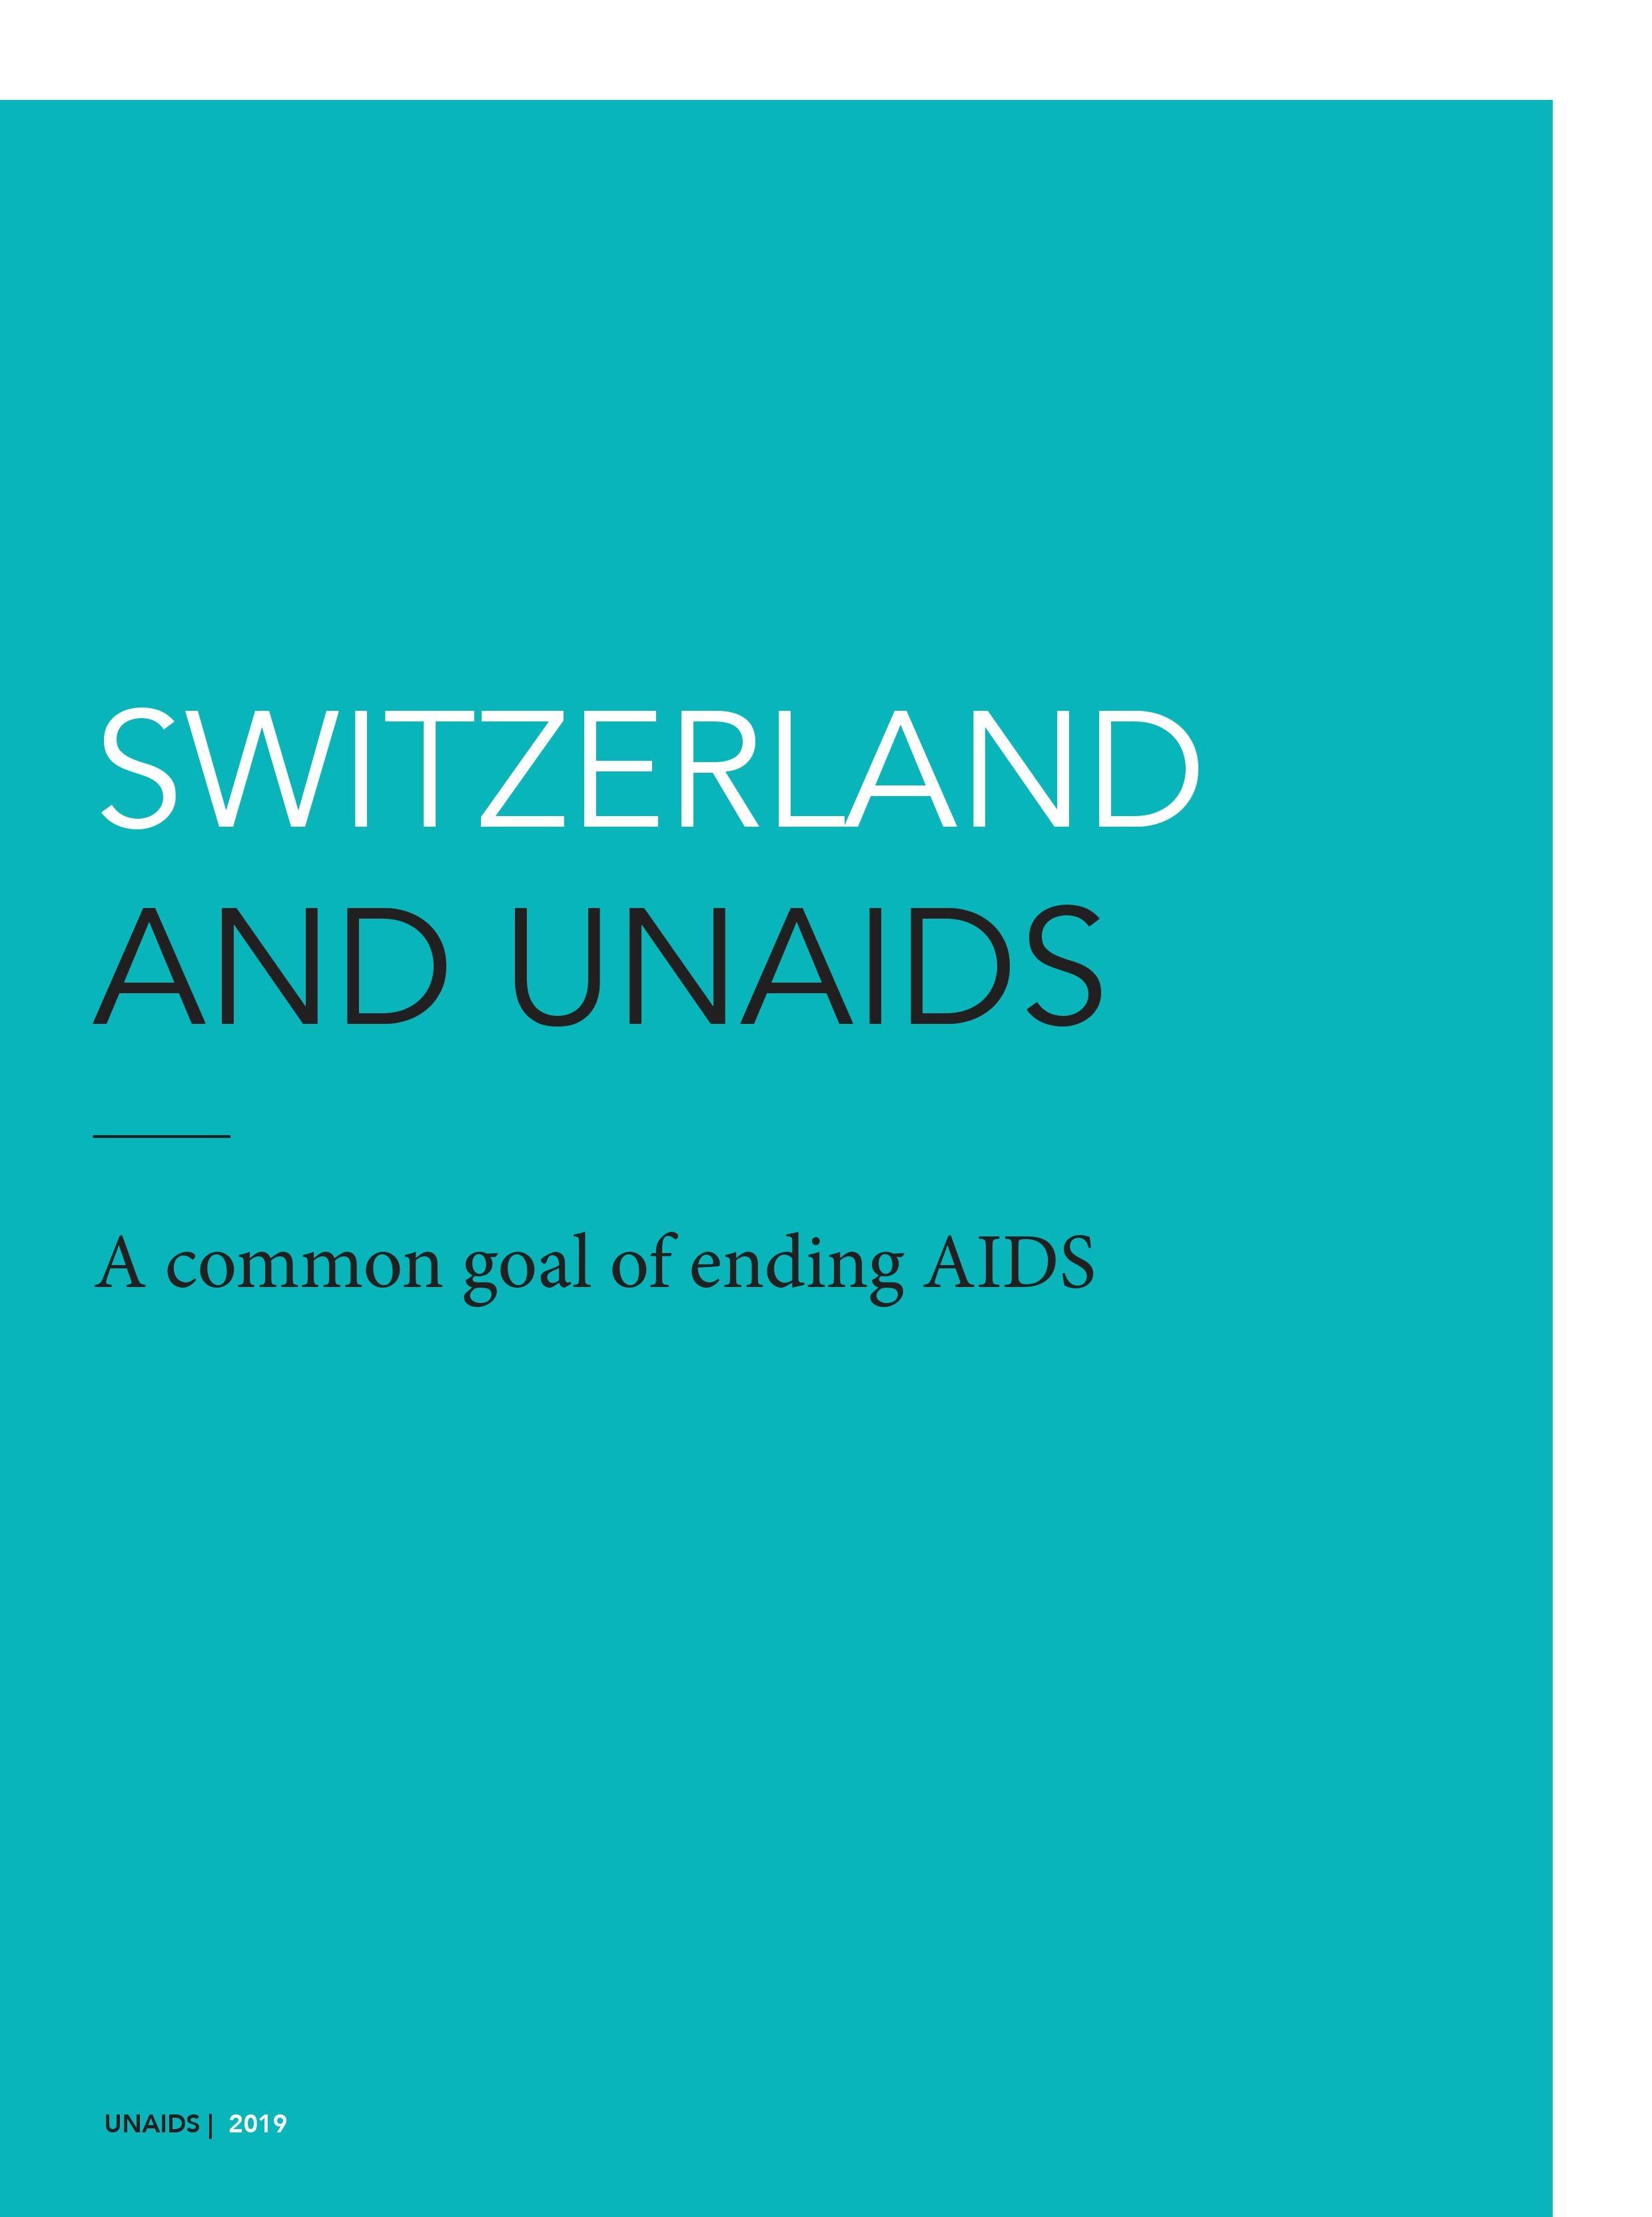 Switzerland and UNAIDS